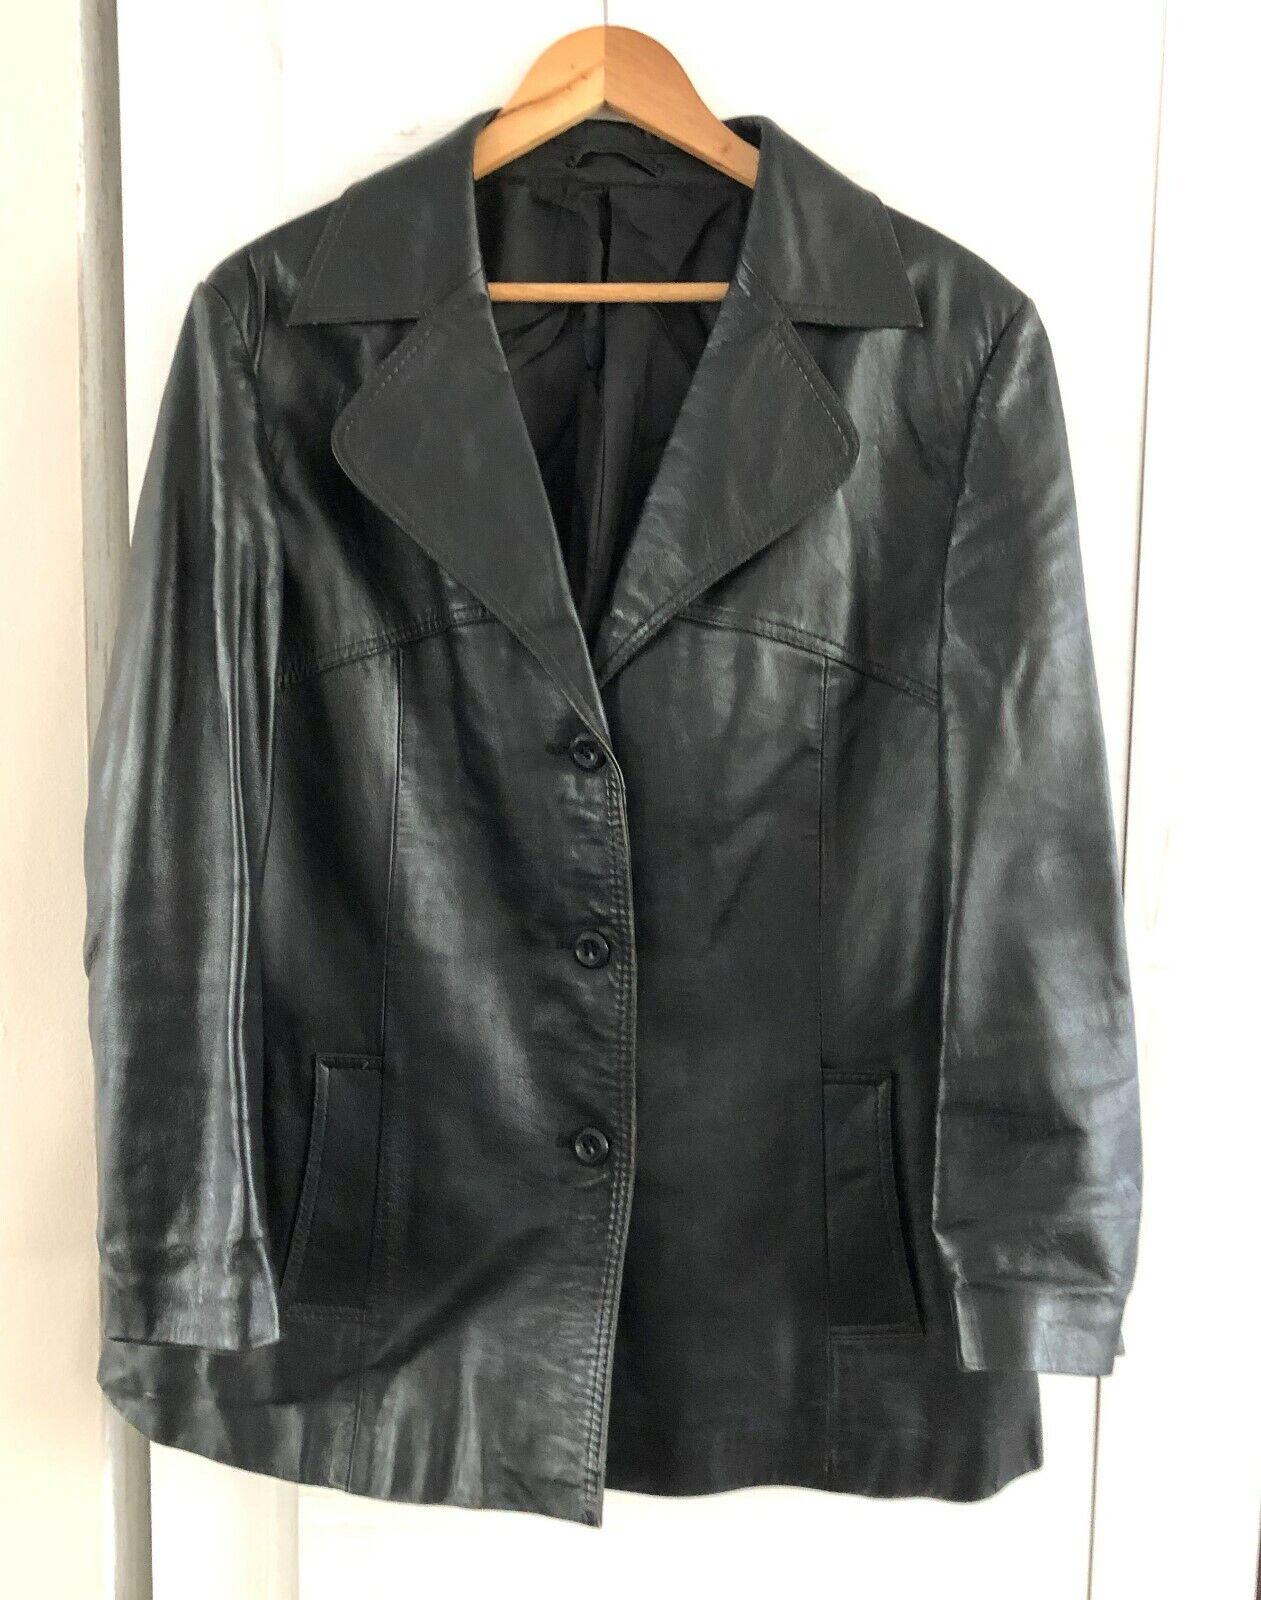 Herren 1970 Mode Schöpfung BEROLINA schwarz Leder Jacke Blazer Gr. 48